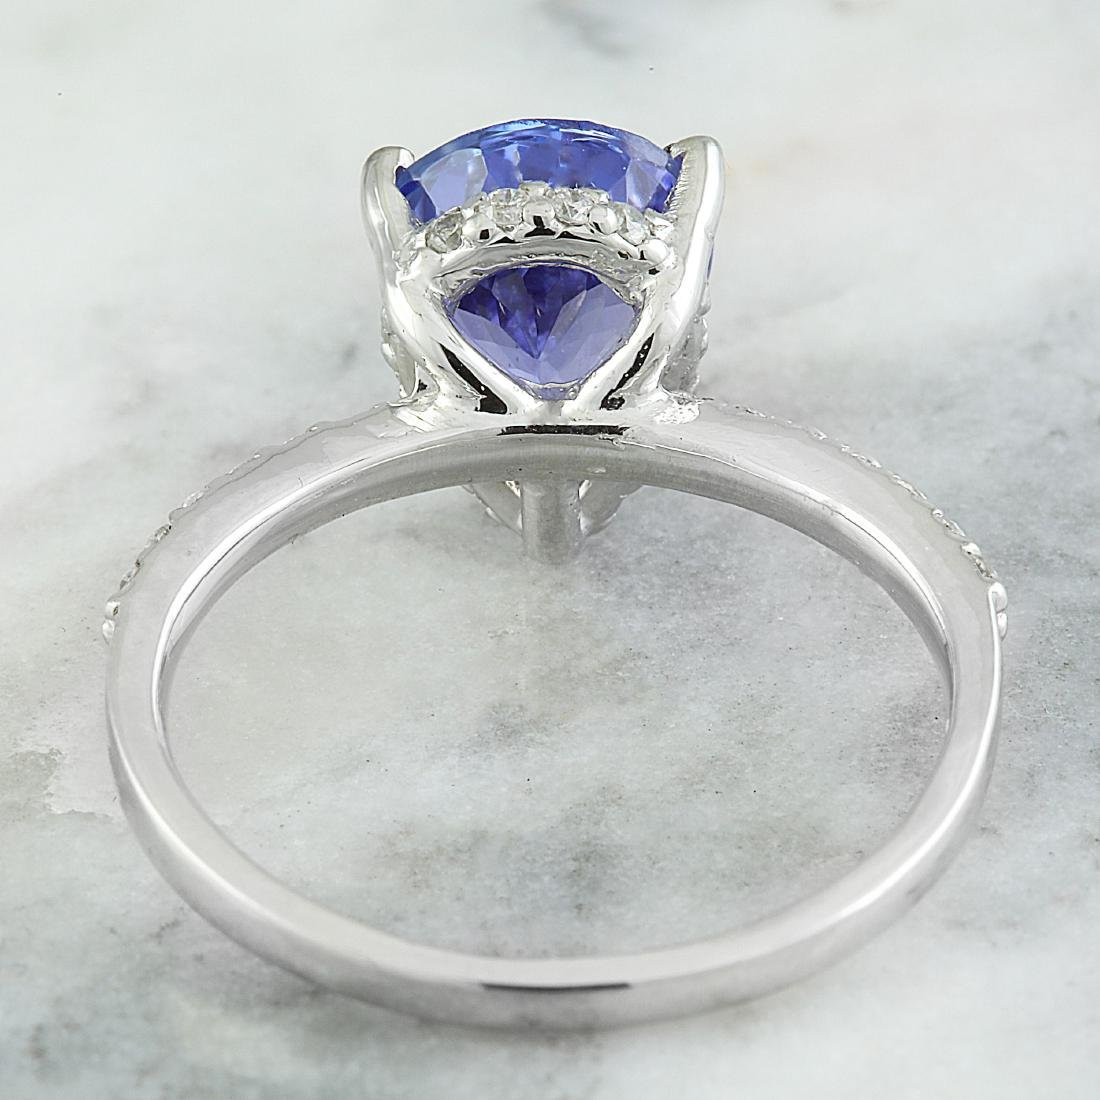 2.95 Carat Tanzanite 18k White Gold Diamond Ring - 4